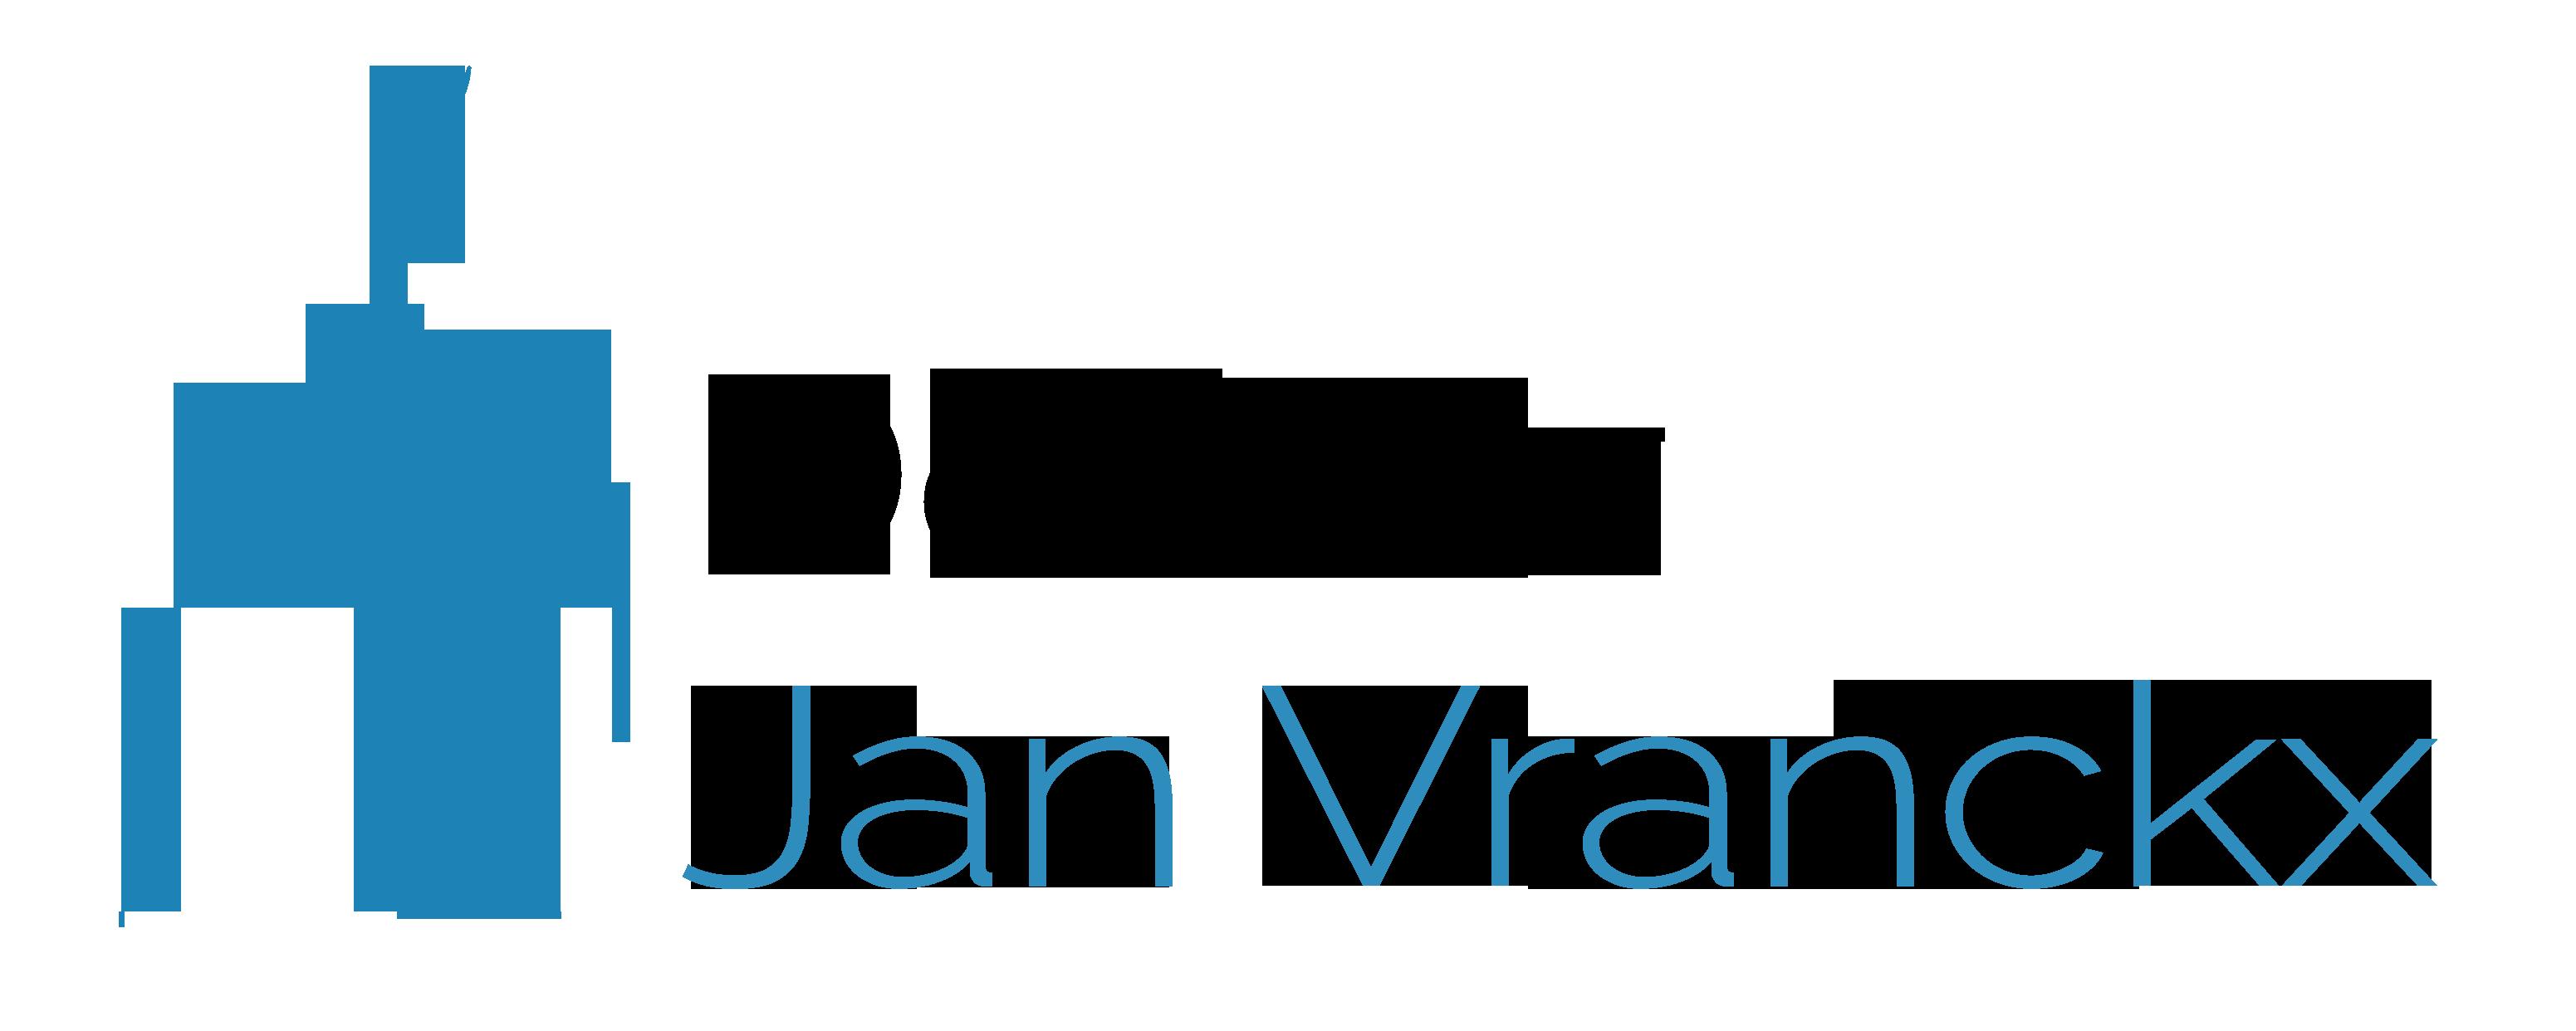 Dokter Jan Vranckx